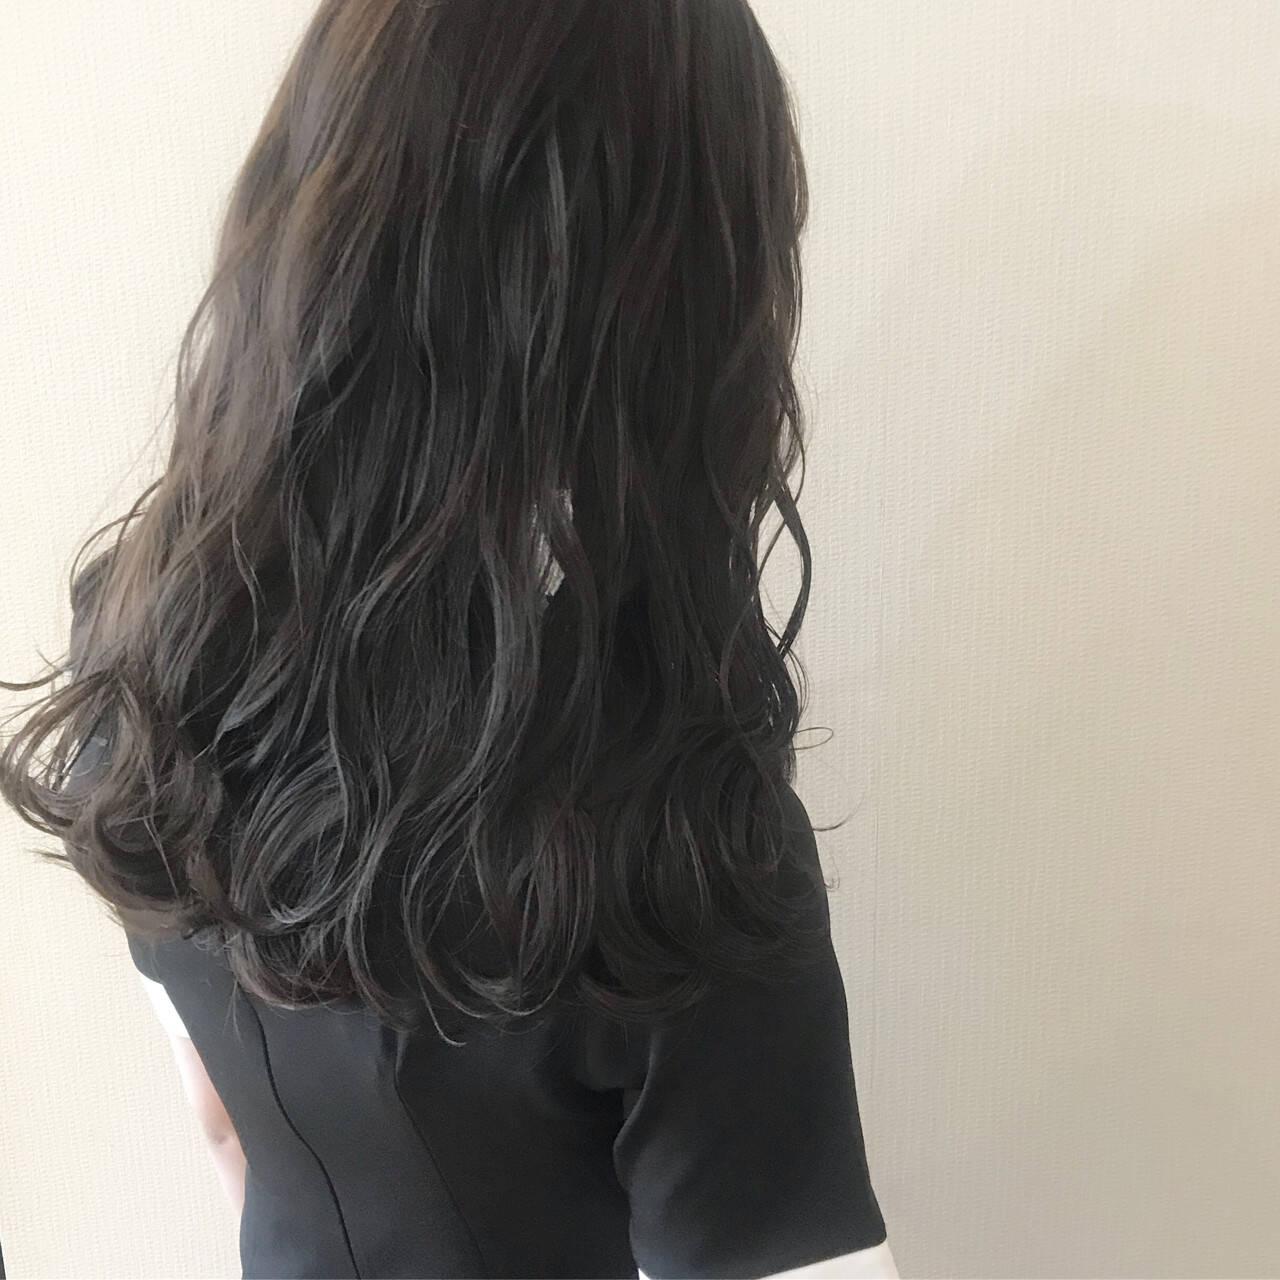 大人女子 アッシュブラック ガーリー ナチュラルヘアスタイルや髪型の写真・画像